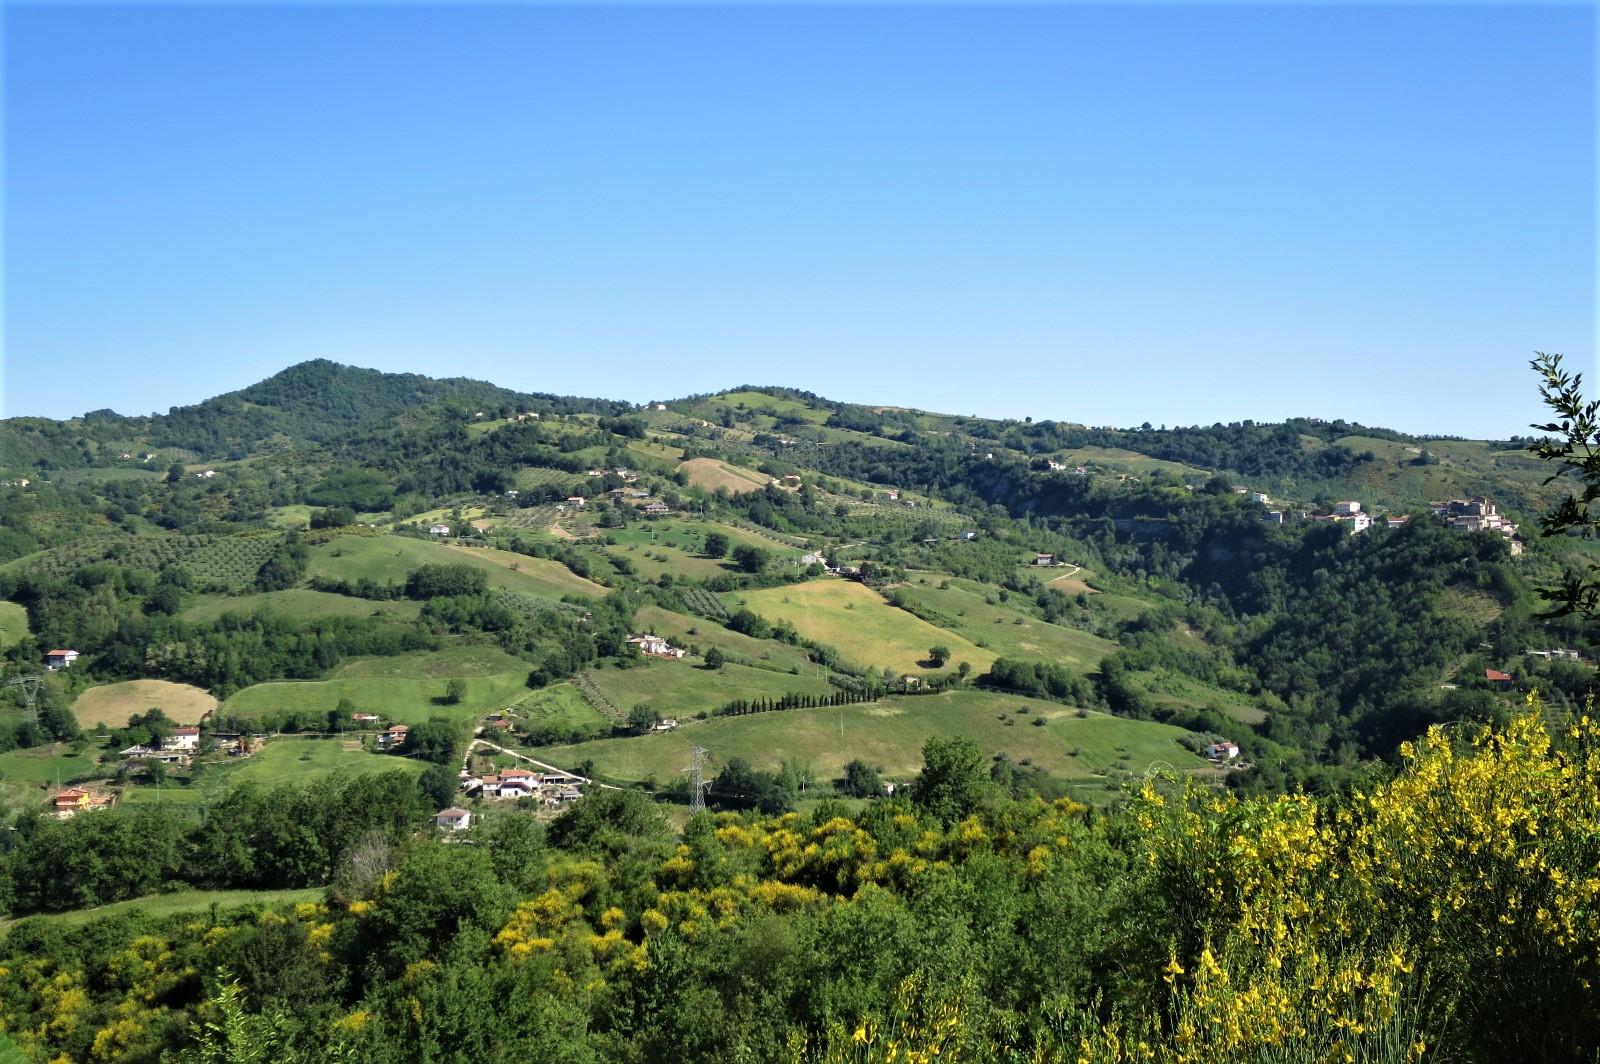 Country Houses Country Houses for sale Castiglione Messer Raimondo (TE), Casa Paradiso - Castiglione Messer Raimondo - EUR 181.096 670